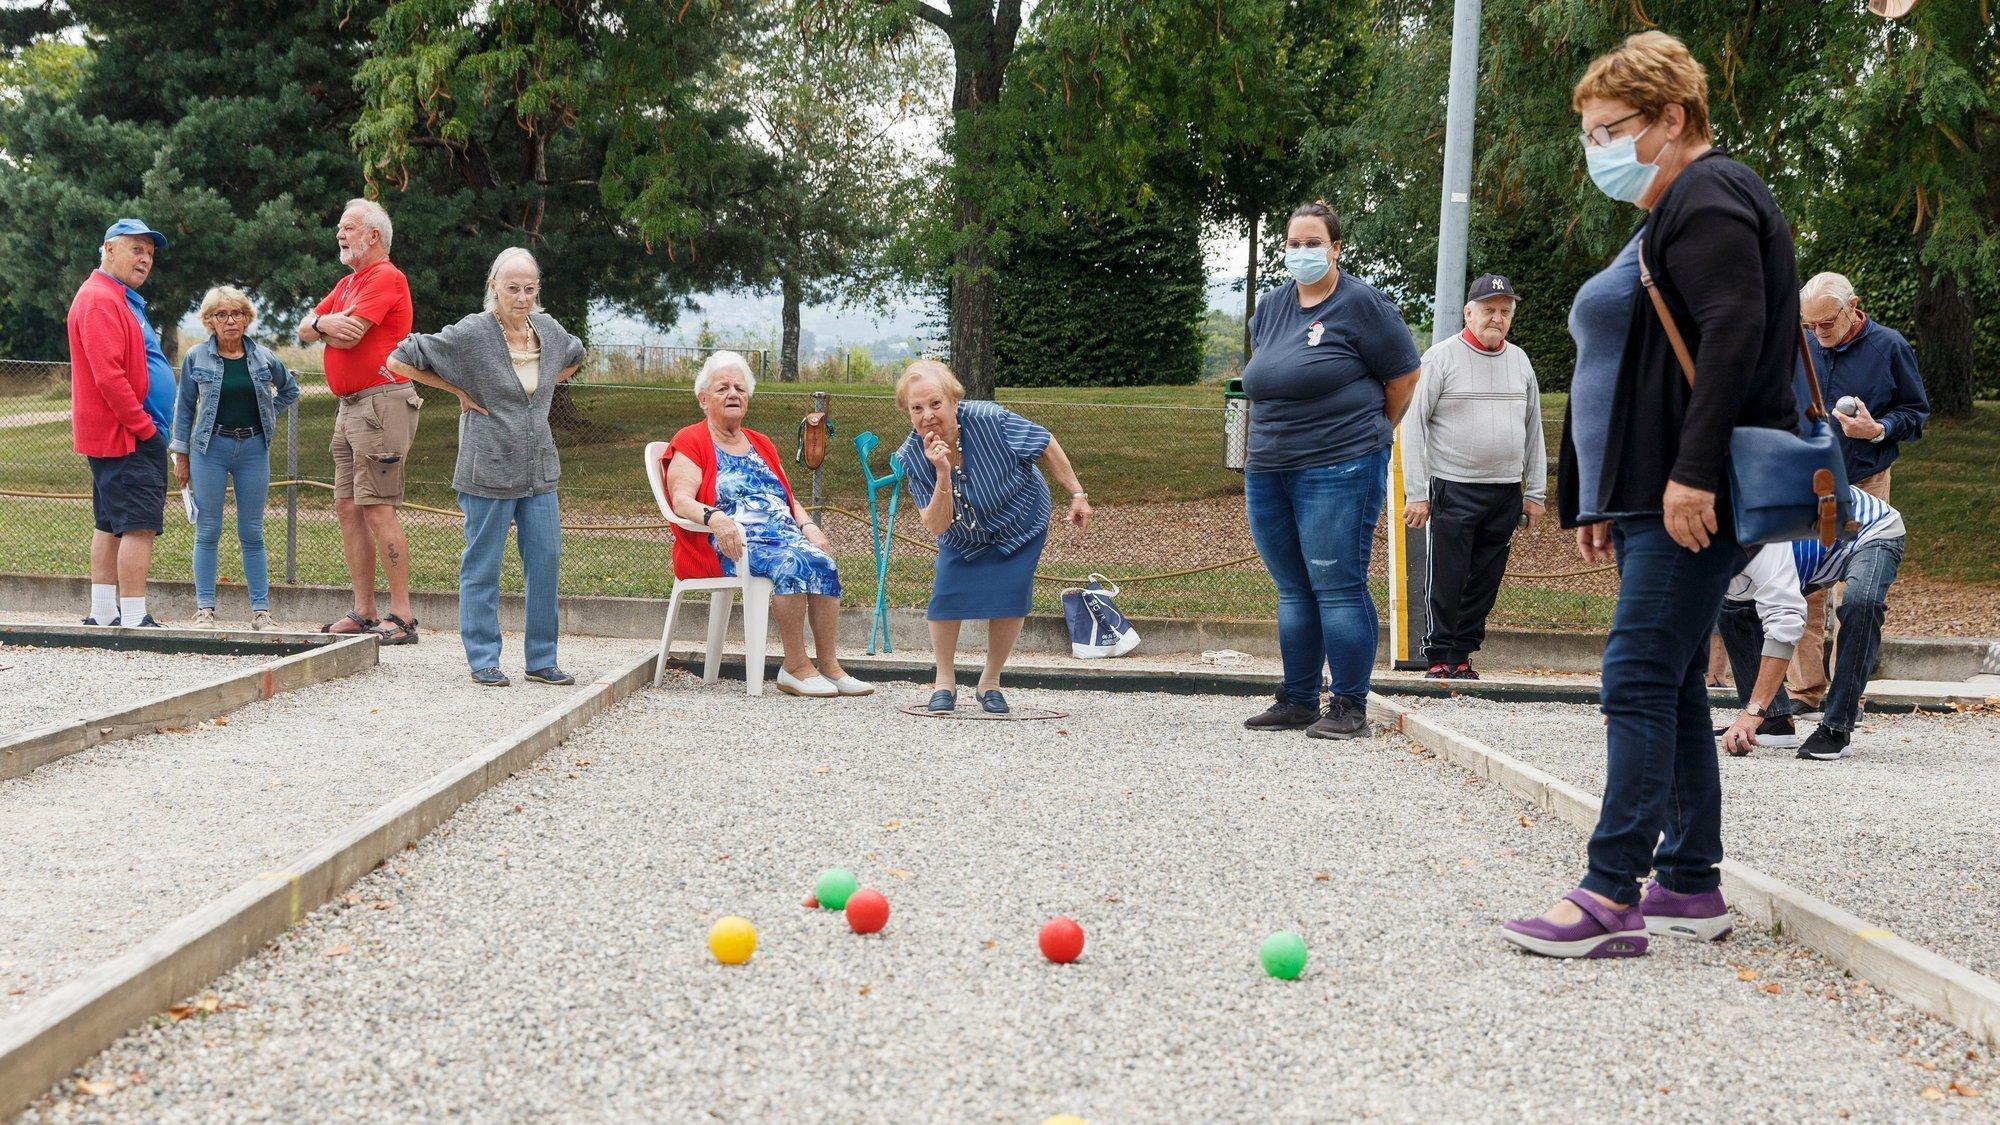 Le tournoi a eu lieu vendredi matin au centre sportif d'En Bord, à Gland.